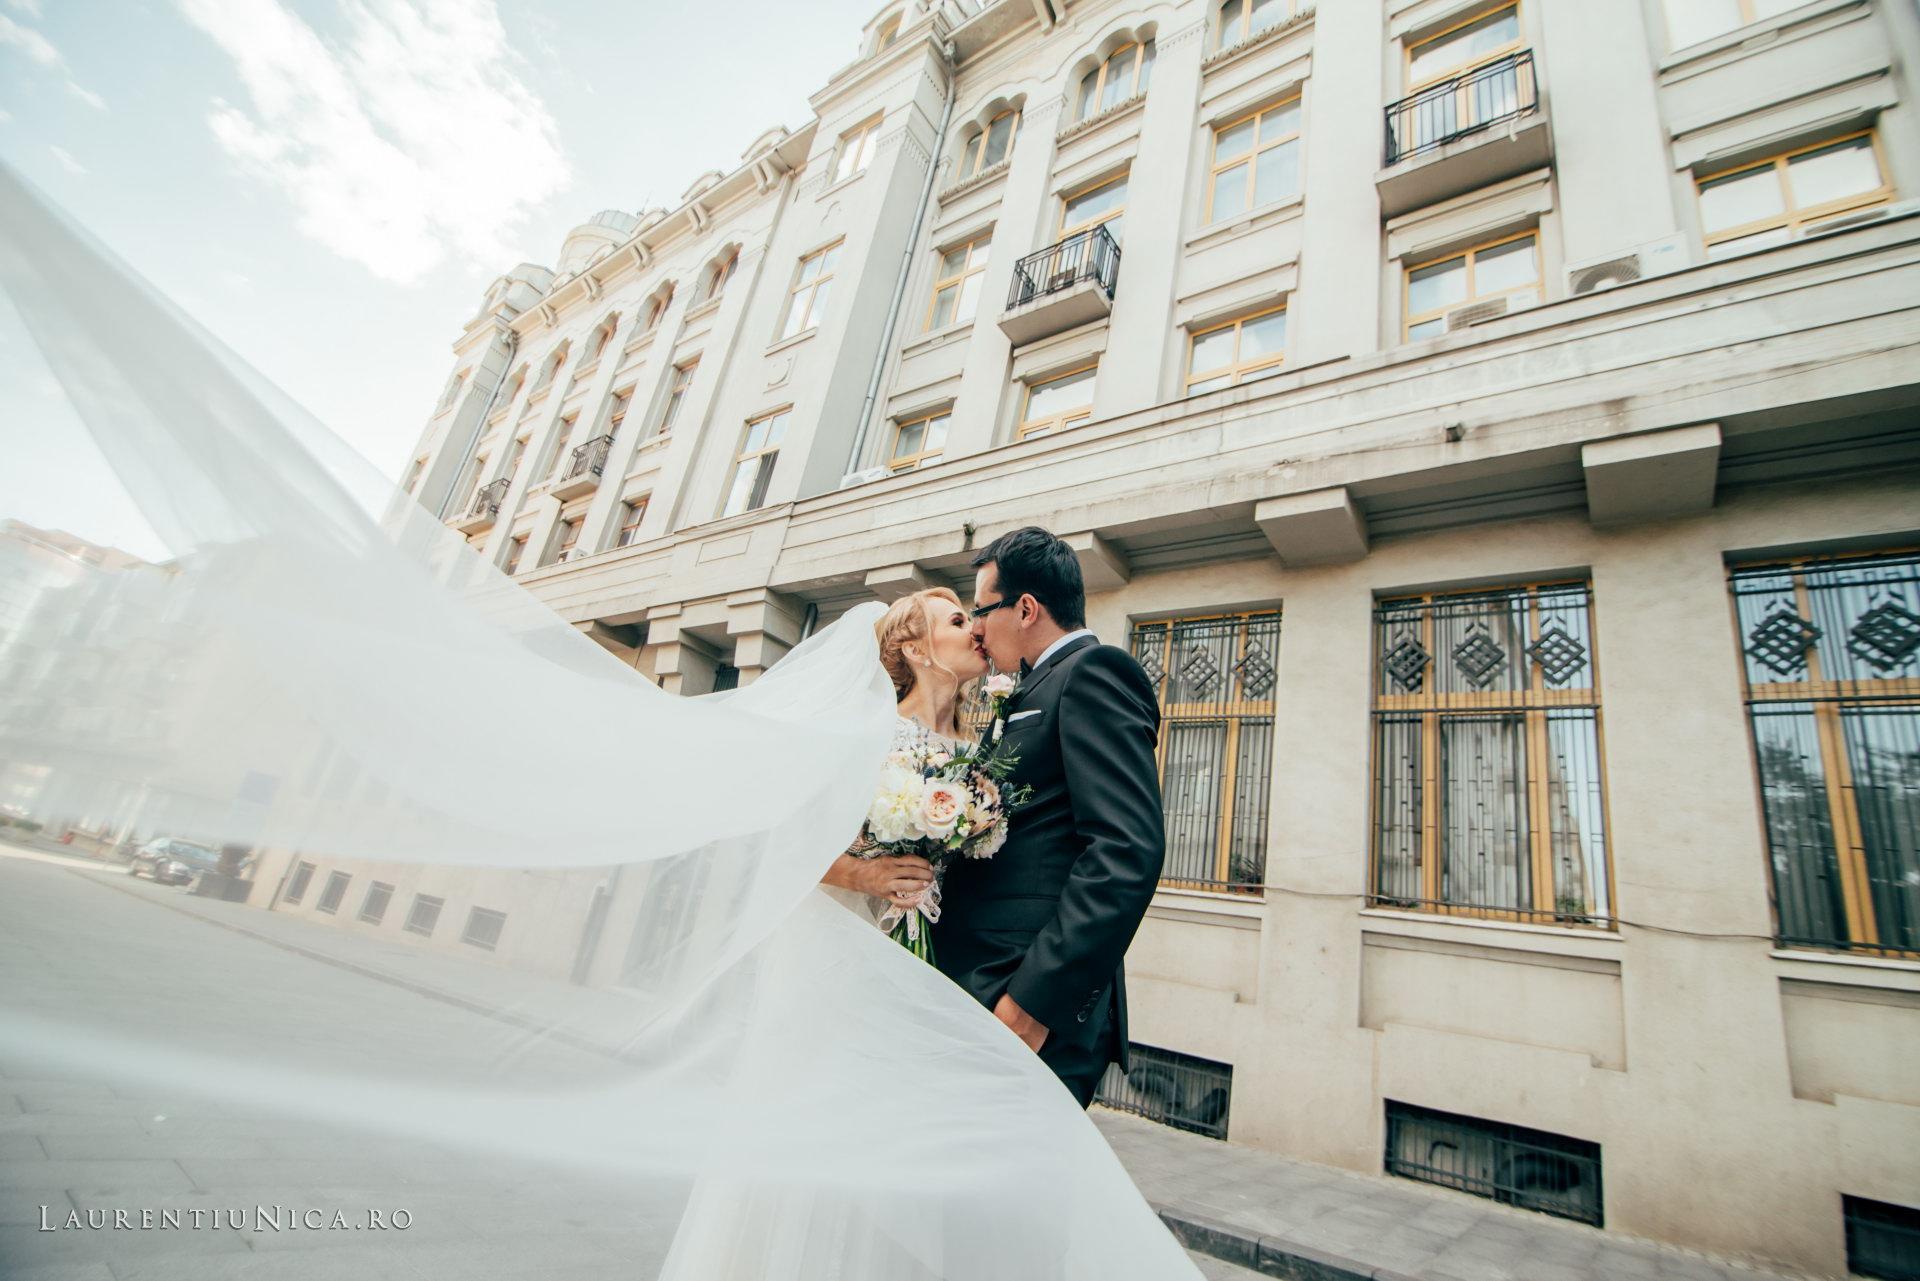 alina si razvan craiova fotograf nunta laurentiu nica48 - Alina & Razvan | Fotografii nunta